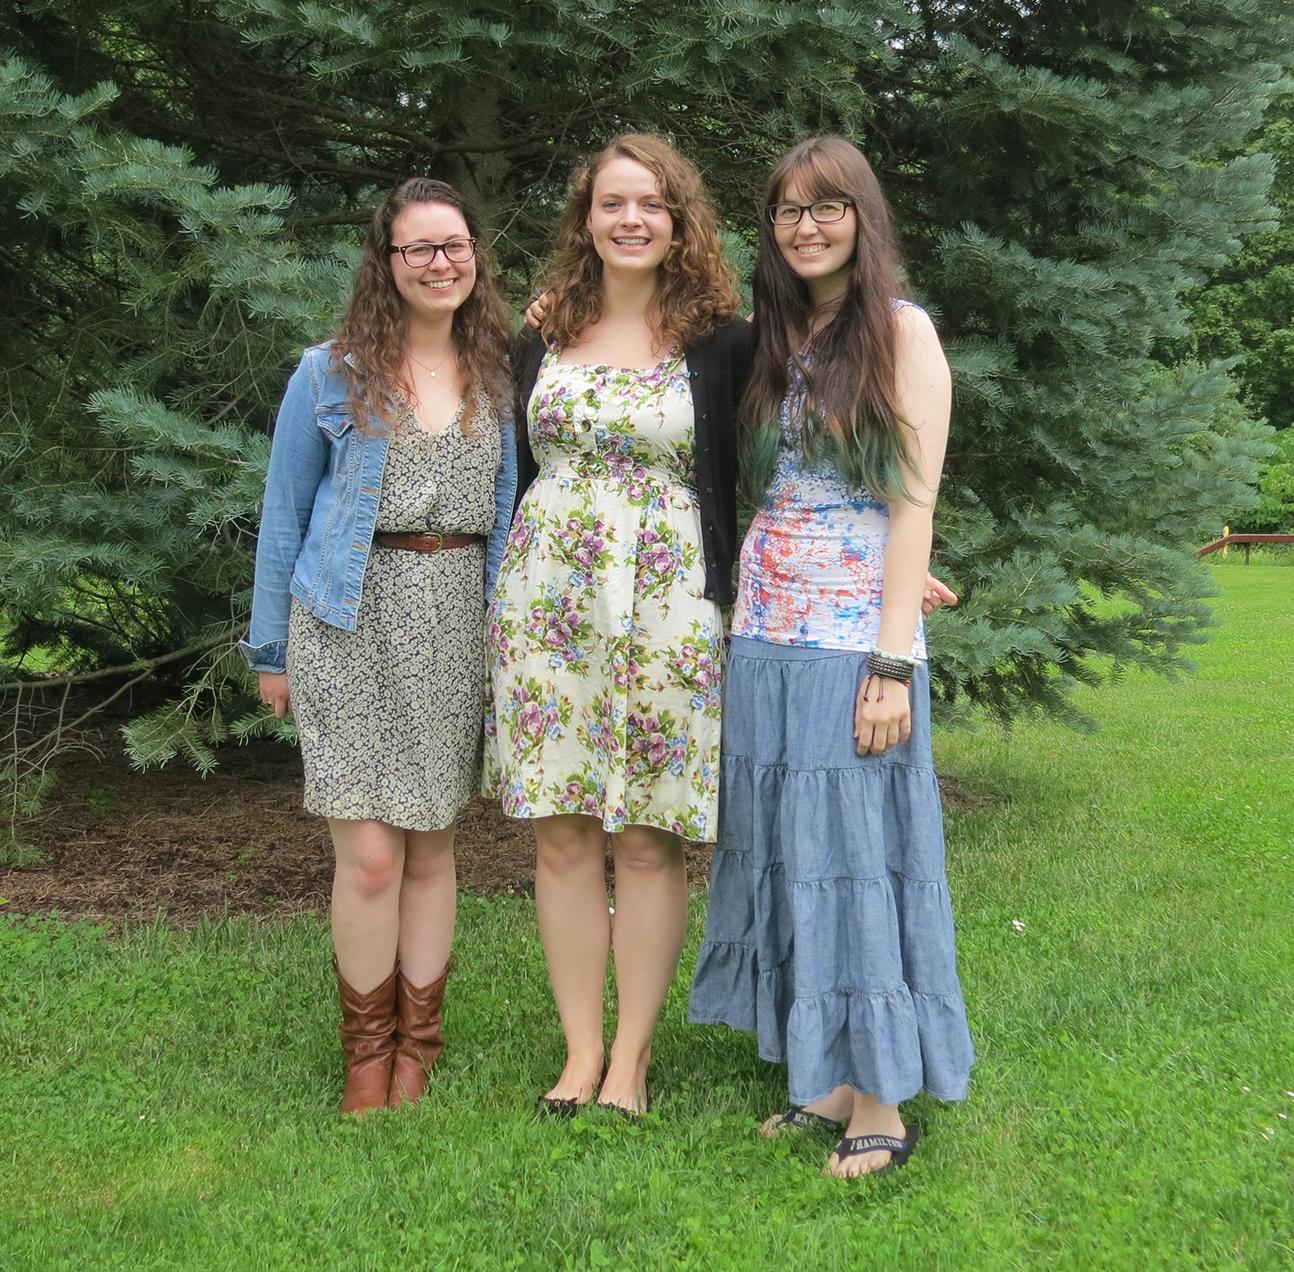 Elizabeth Buchanan '15, Katherine Delesalle '14, and Allison Schuette '16.